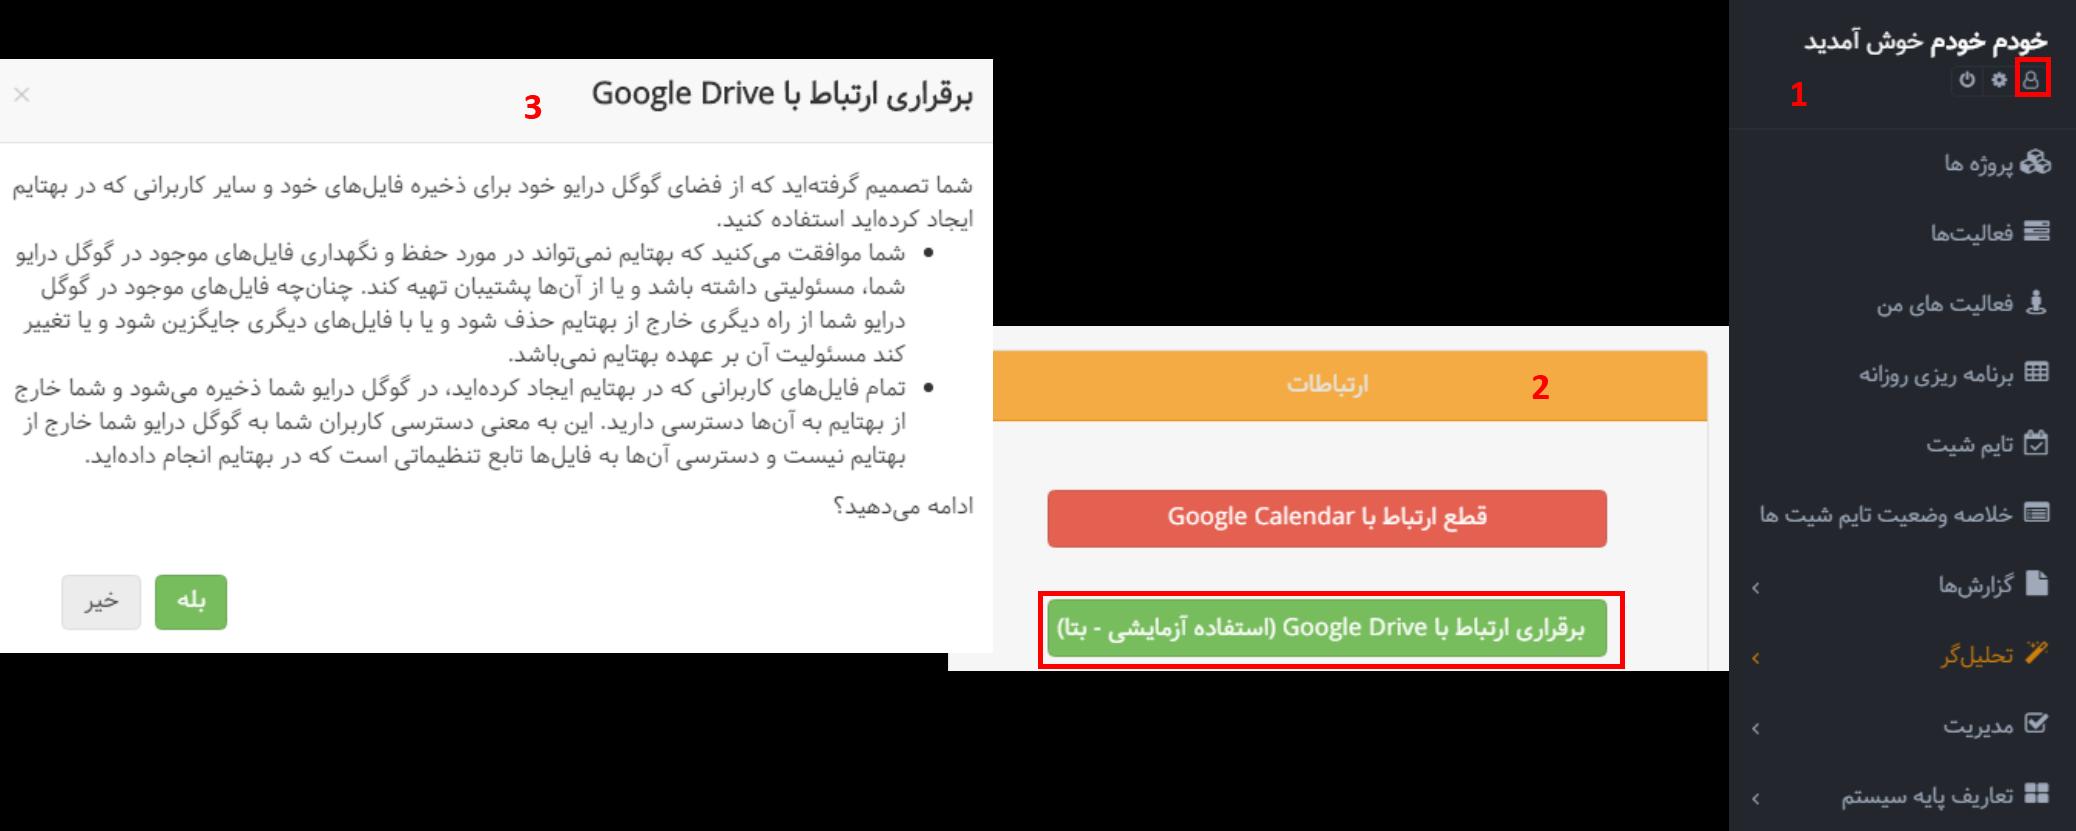 راهنمای ارتباط بهتایم با google Drive